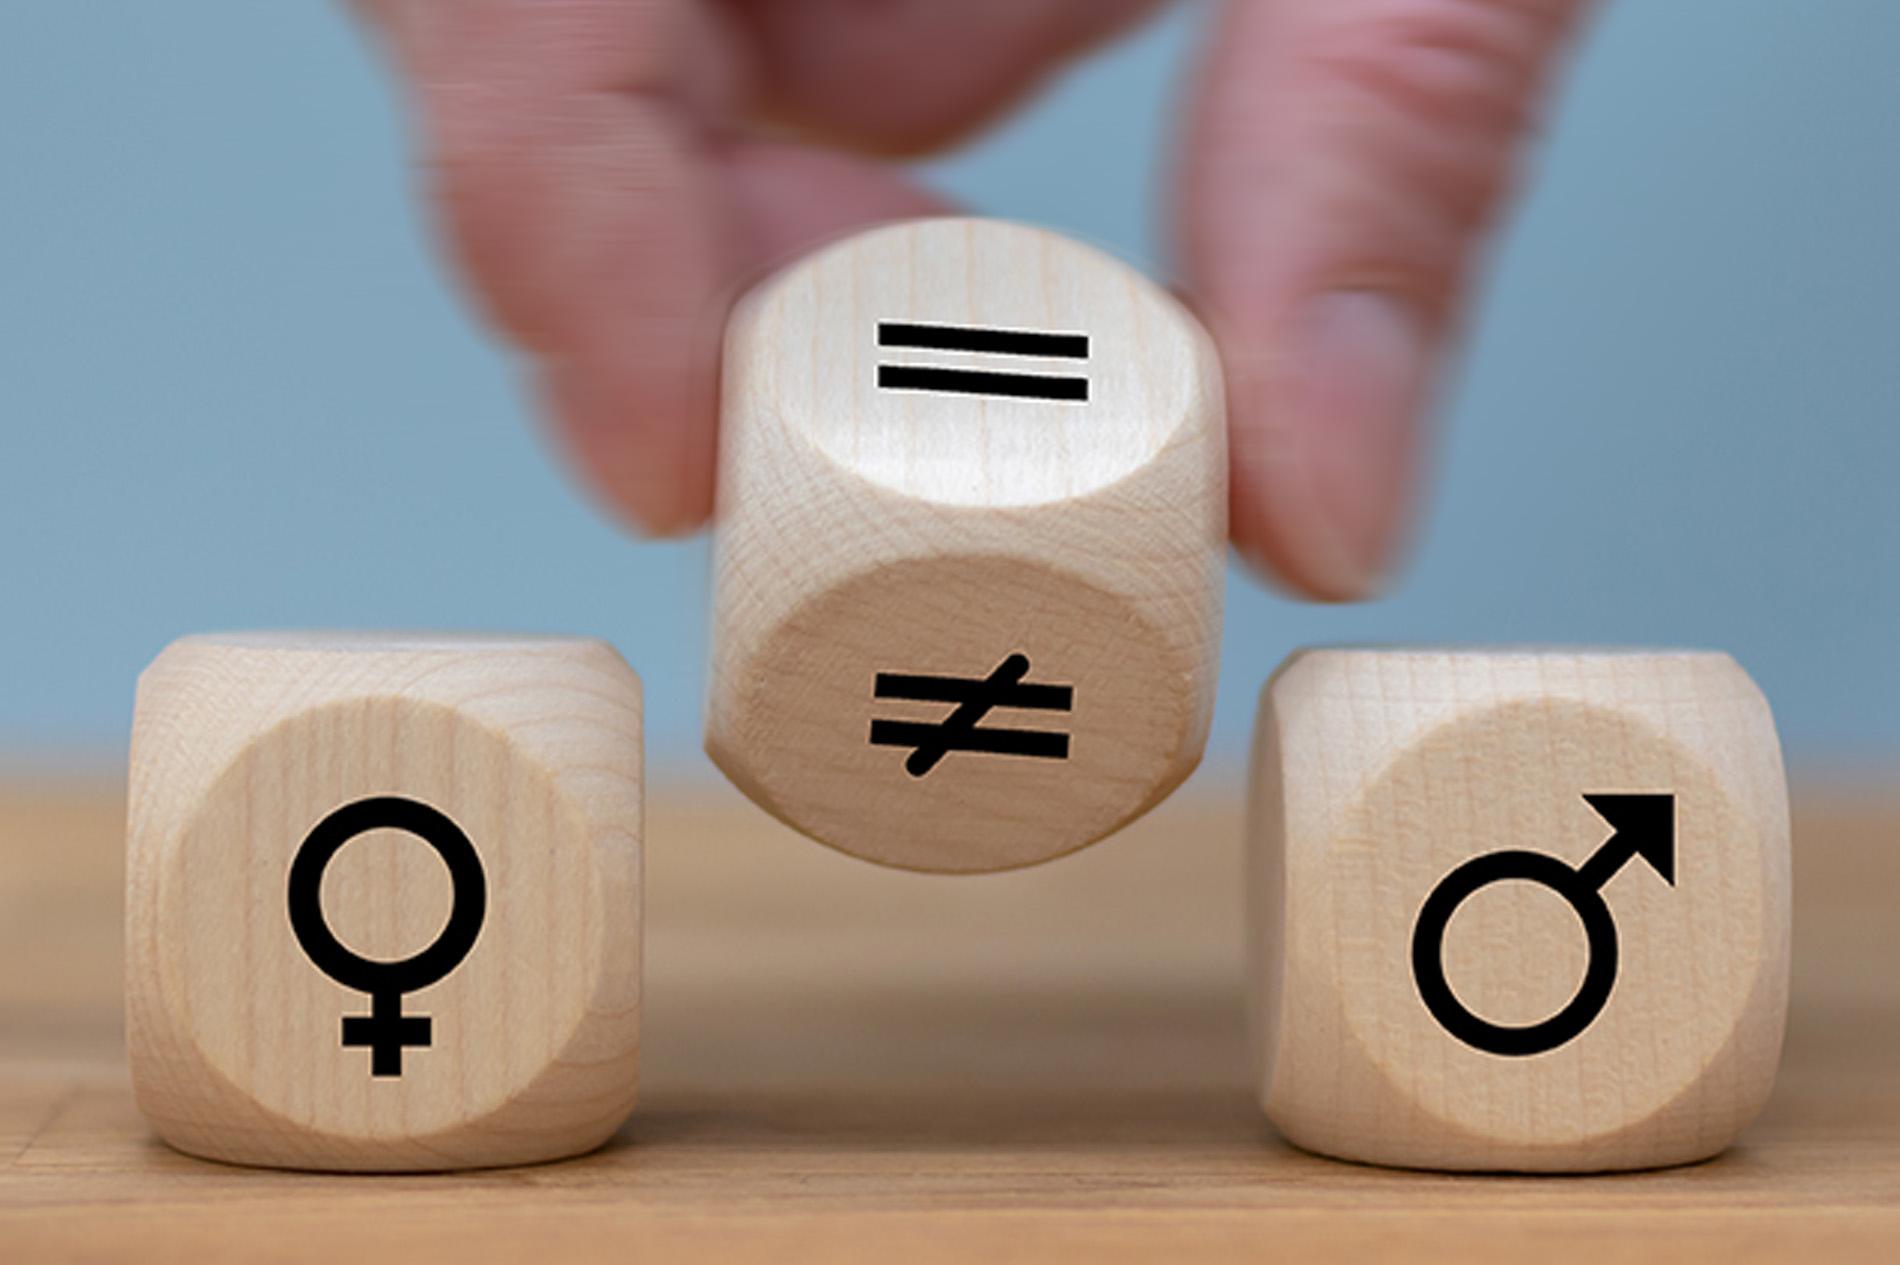 Desigualdades de género en el mundo del trabajo. Proyecto de investigación.